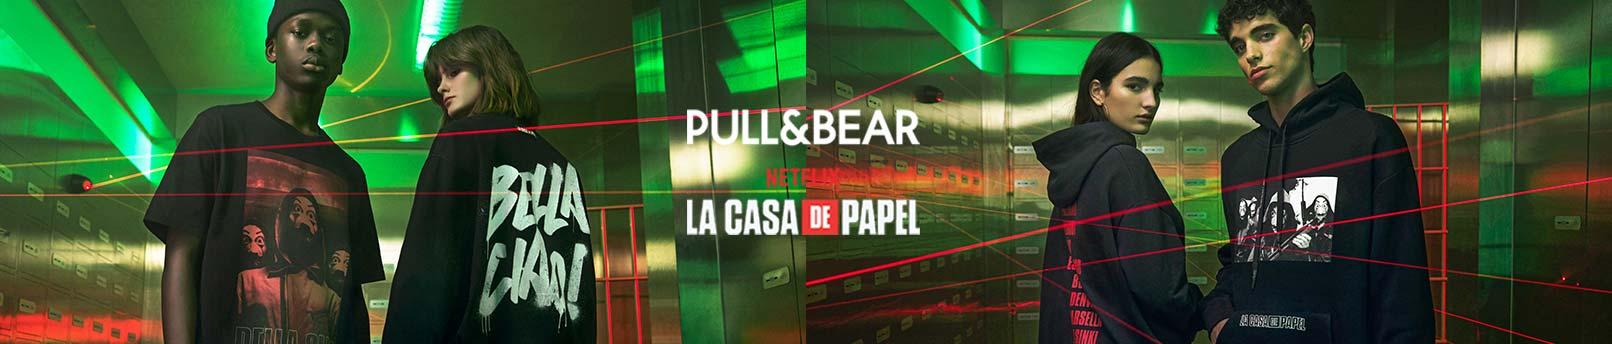 Odkryj PULL&BEAR